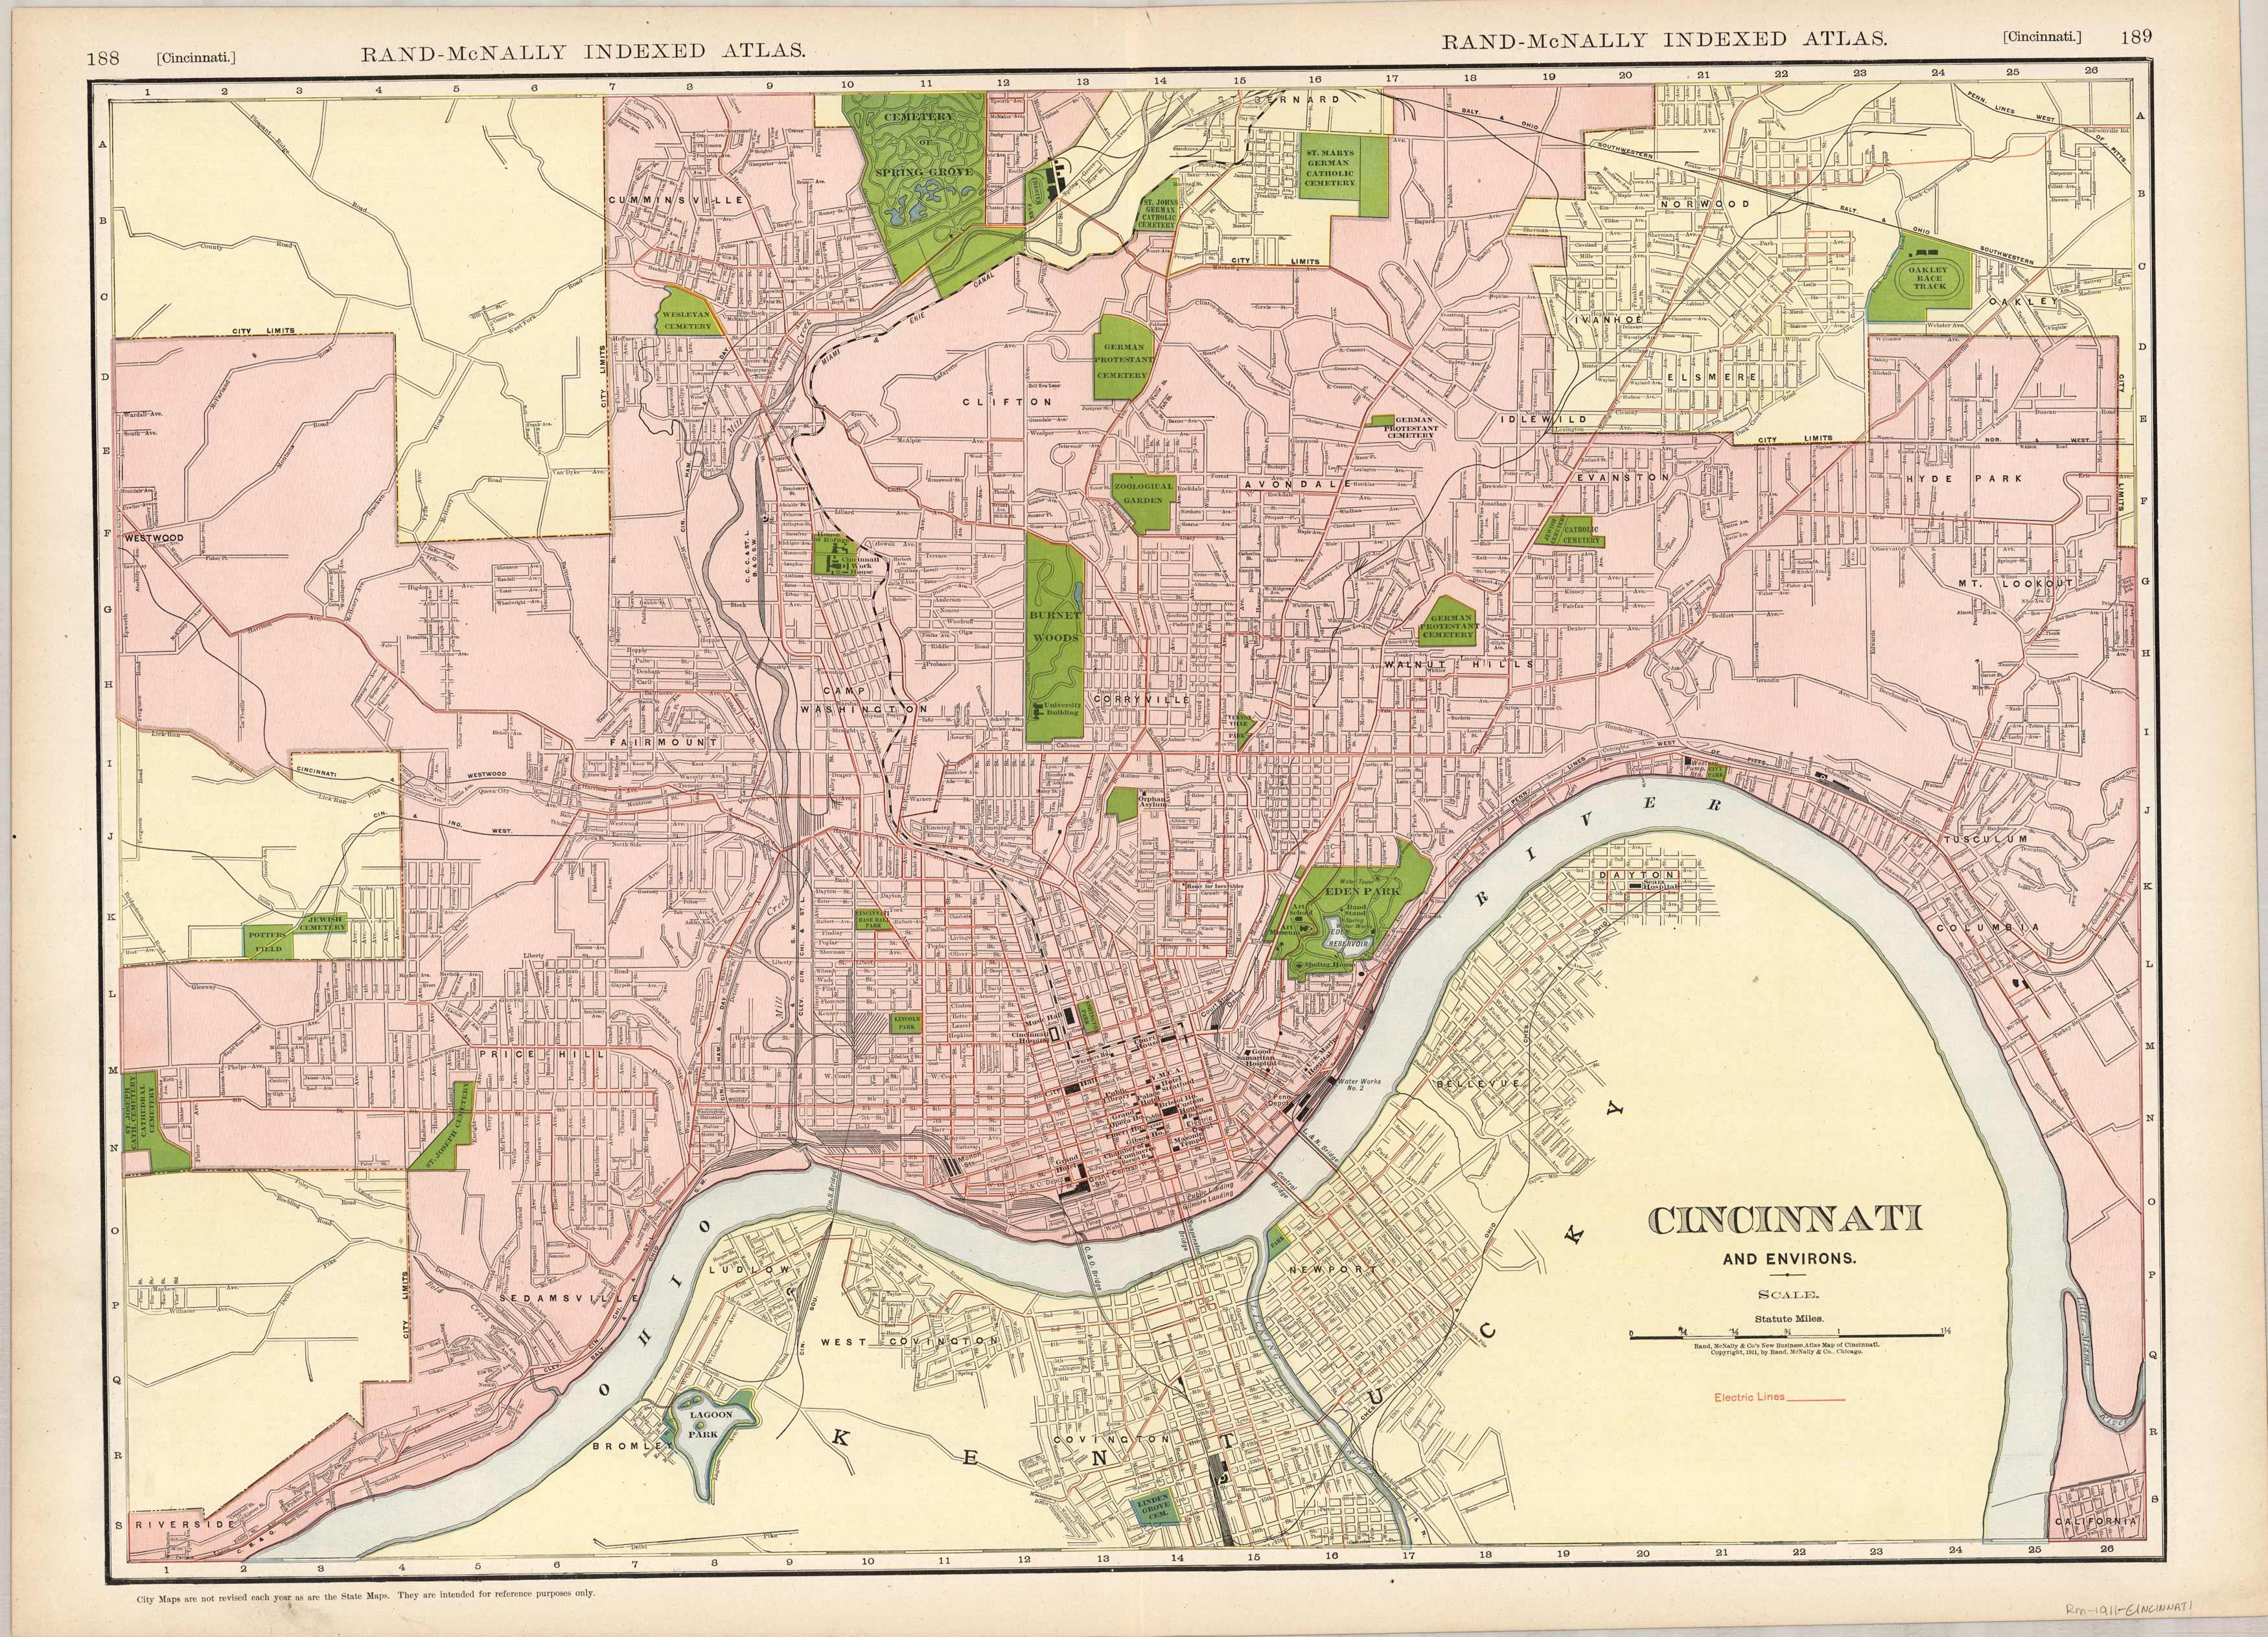 Cincinnati and Environs